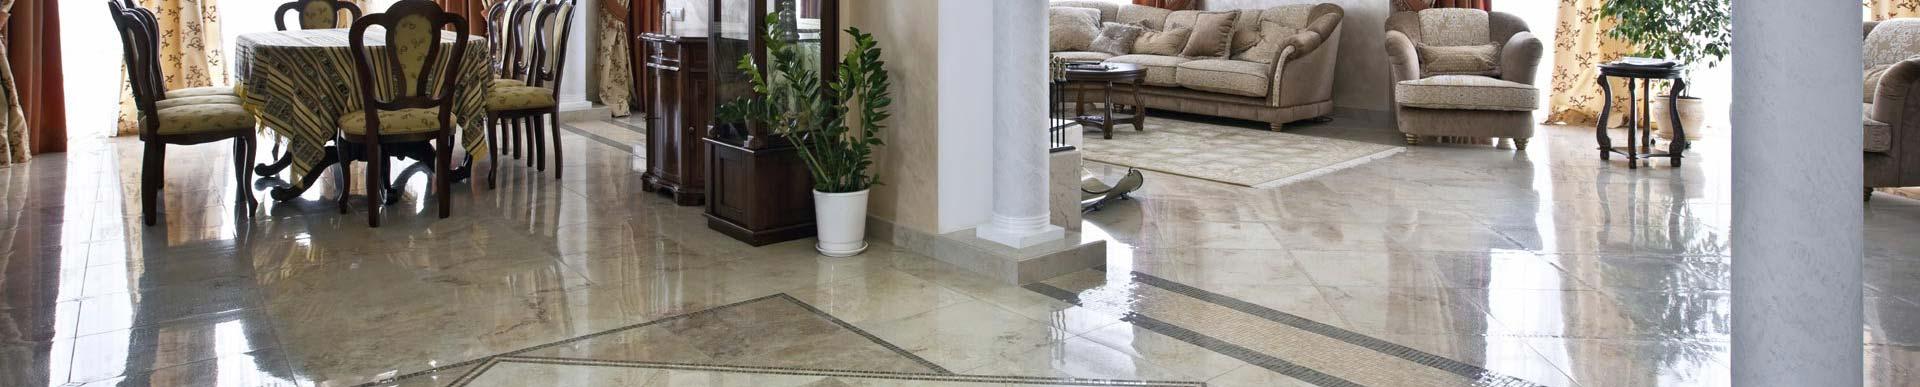 Marblemarble Slabmarble Slab For Salemarble Tilesmarble Floor